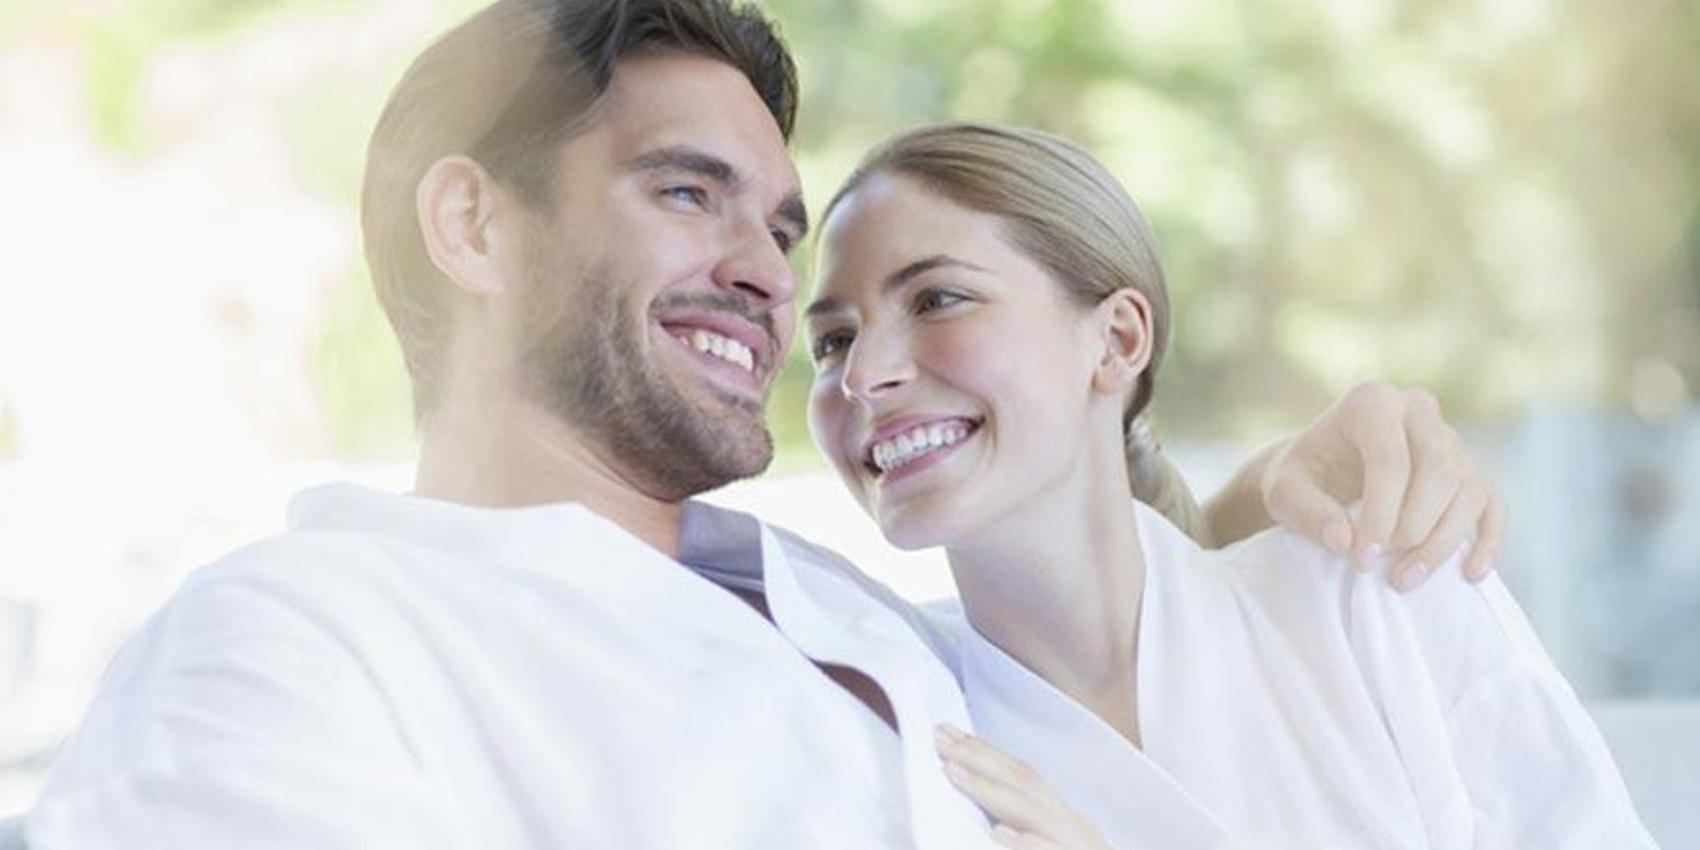 Korkgeschwindigkeits-Dating